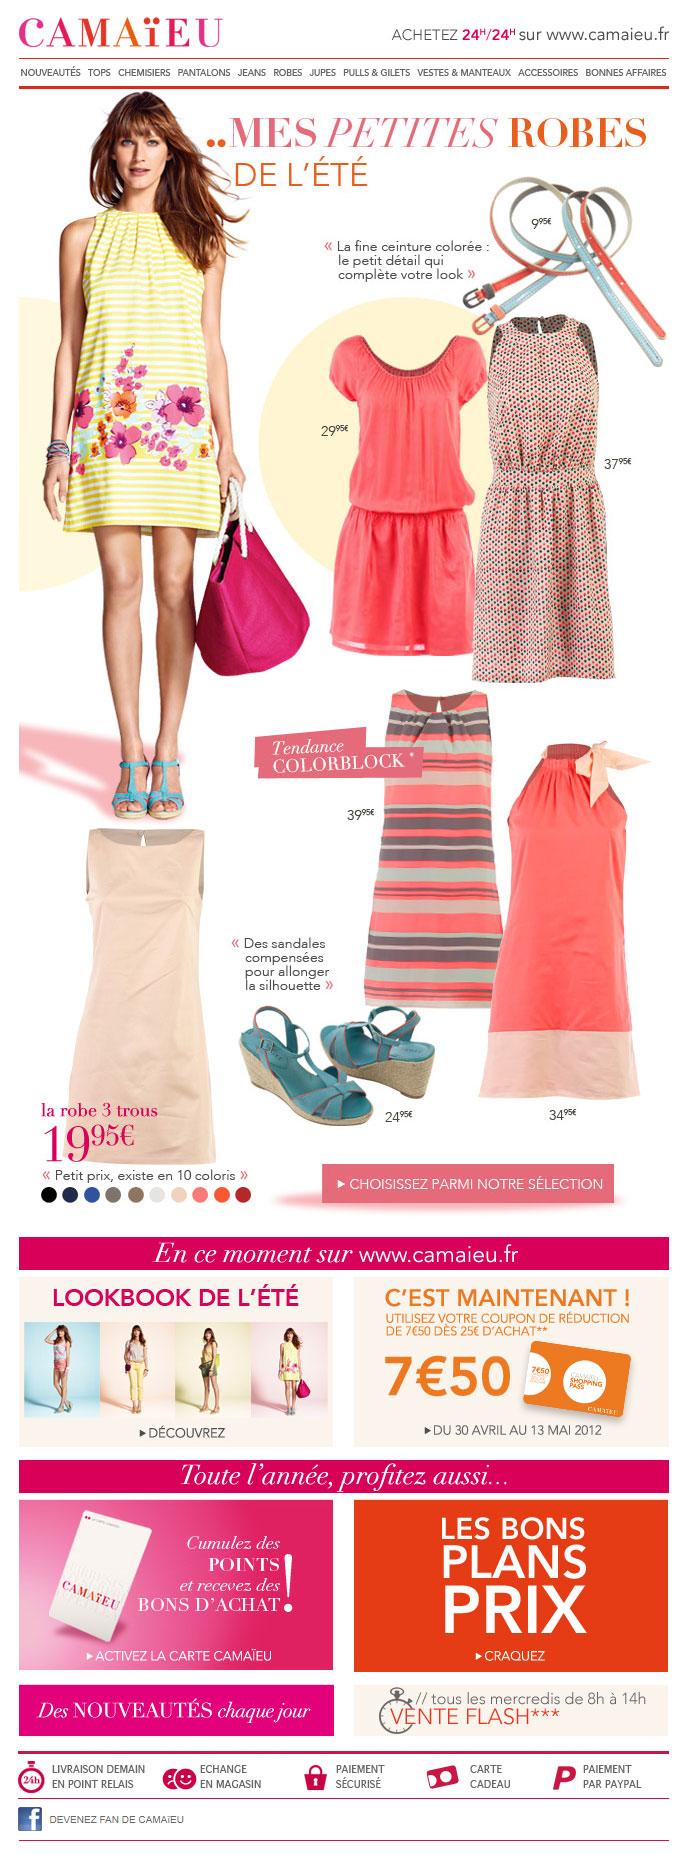 Newsletter Camaieu 09.05.2012